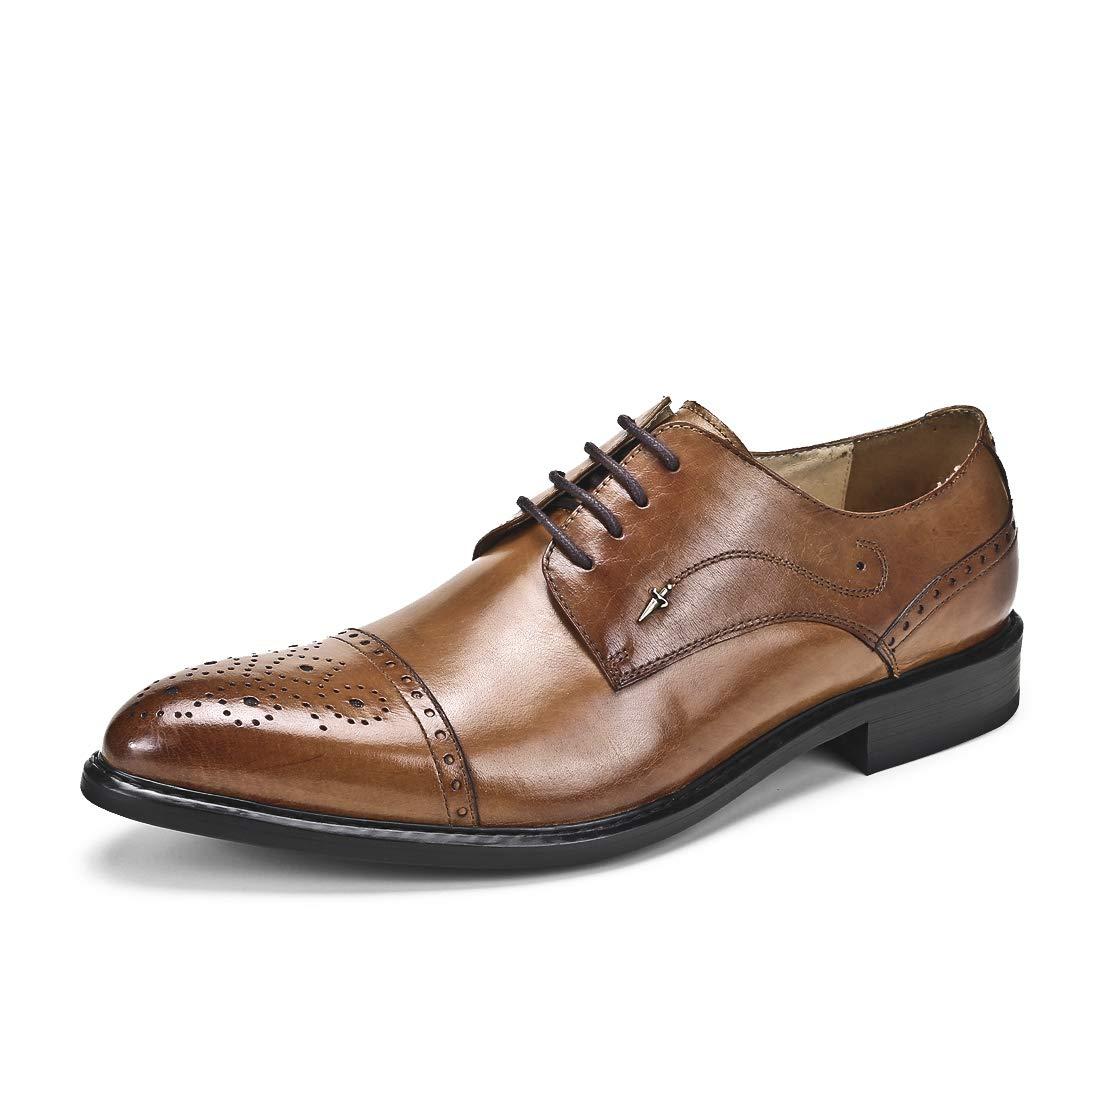 MERRYHE Echtes Leder Brogues für Männer Vintage Lace Up Derby Klassische Business Formale Schuhe Hochzeit Schuhe